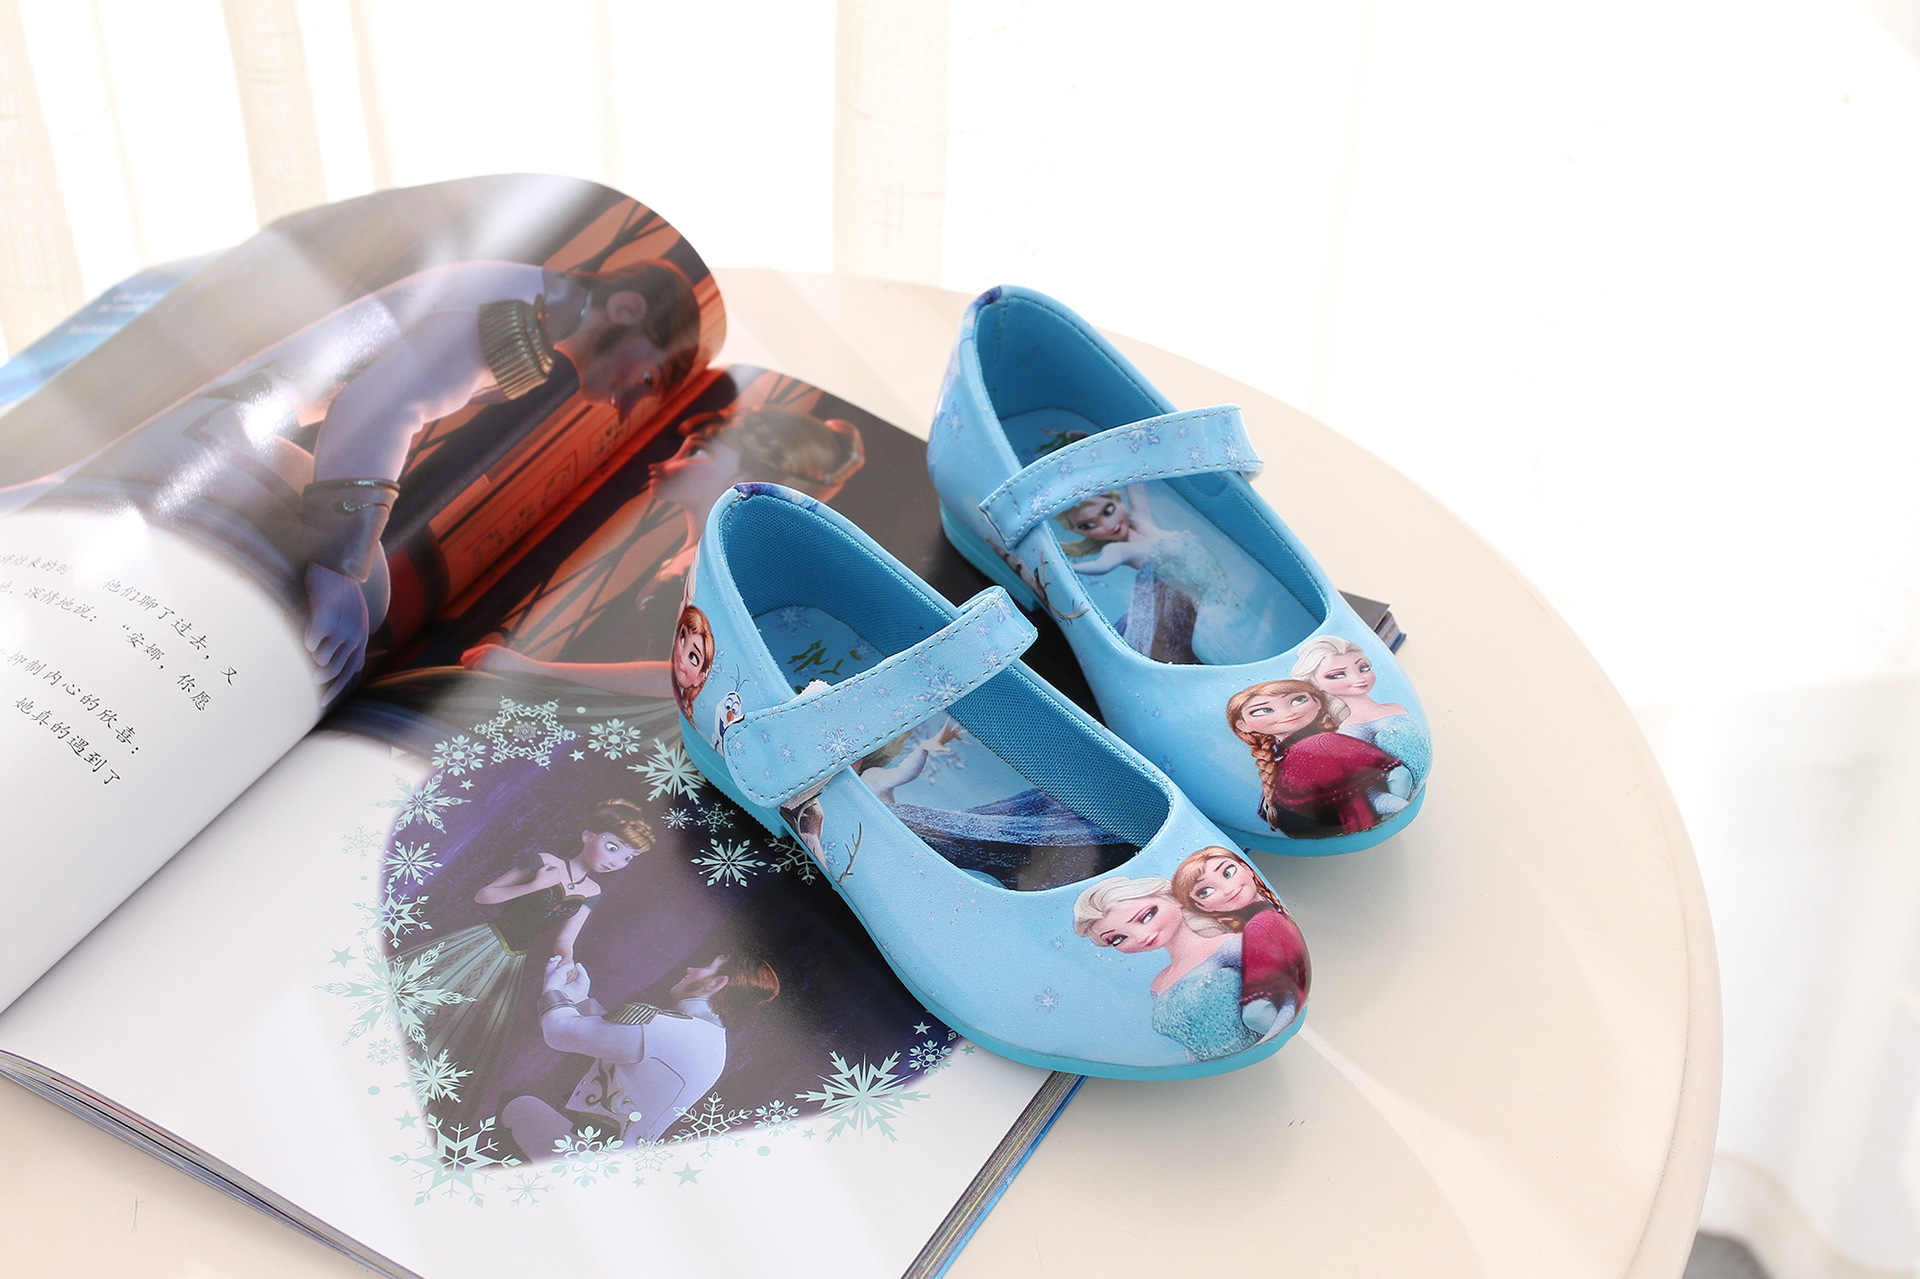 الأطفال أحذية الخريف الفتيات أحذية أطفال أميرة البنات الجلود الزرقاء حذاء الكرتون الطفل الصنادل